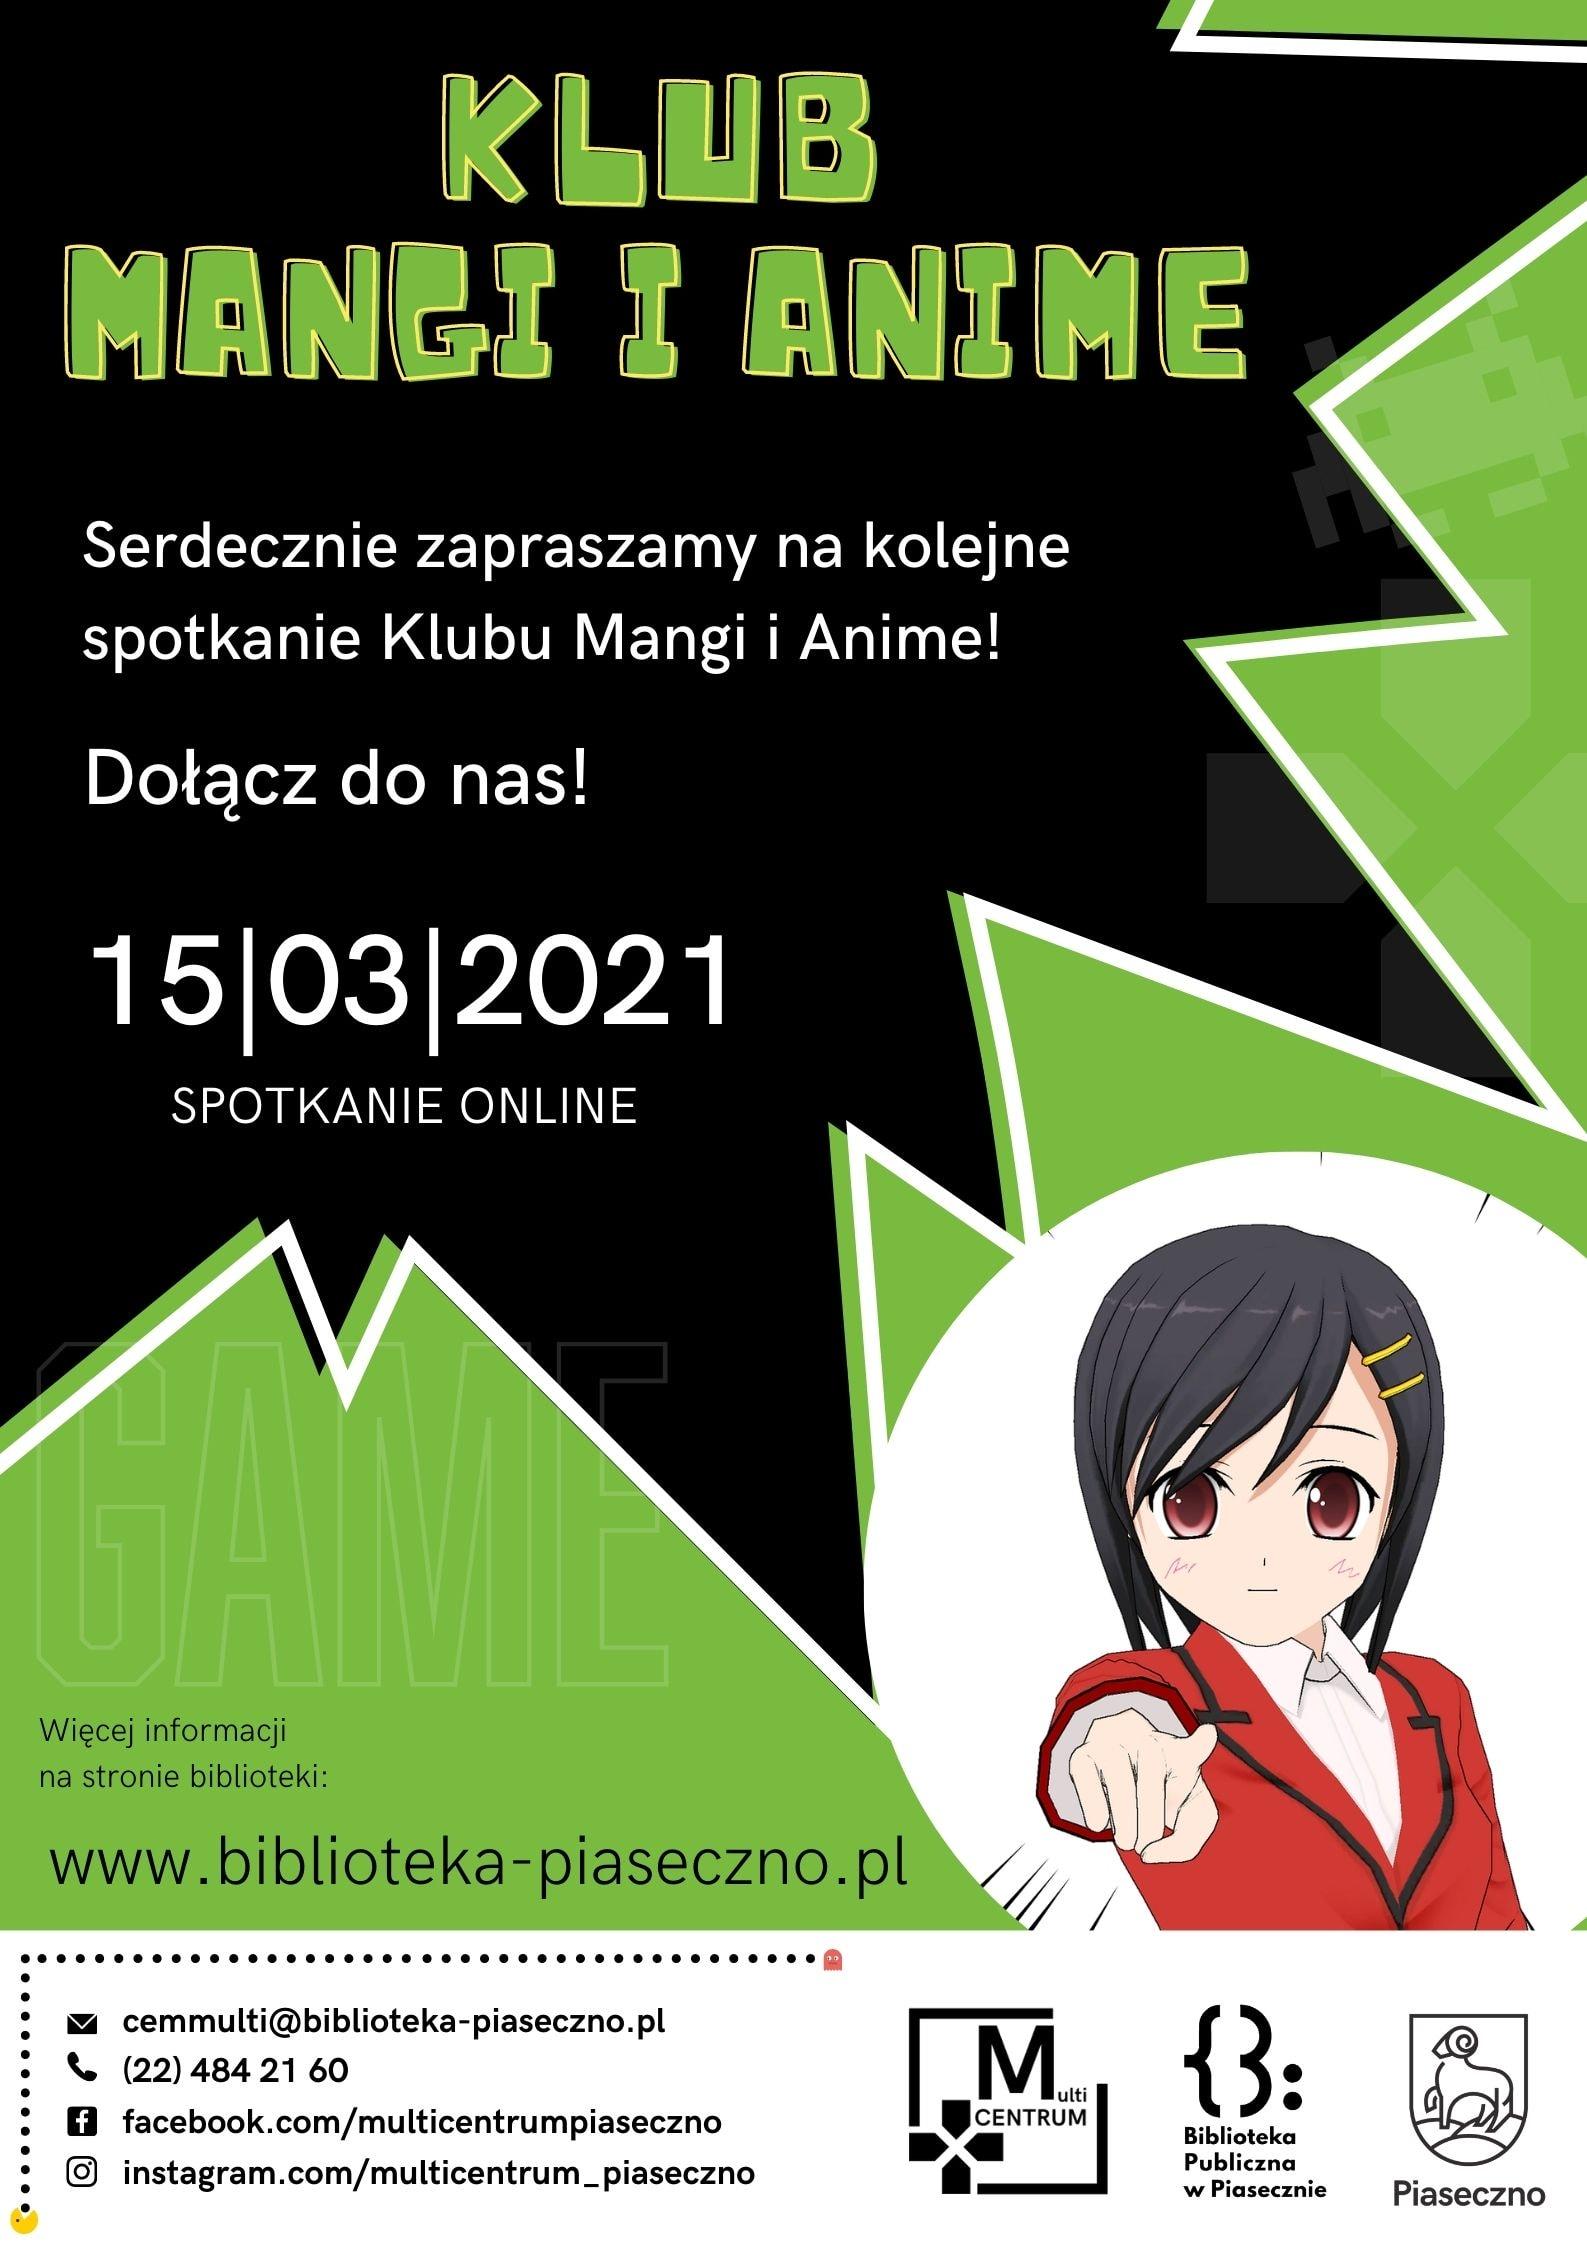 Spotkanie Klubu Mangi i Anime